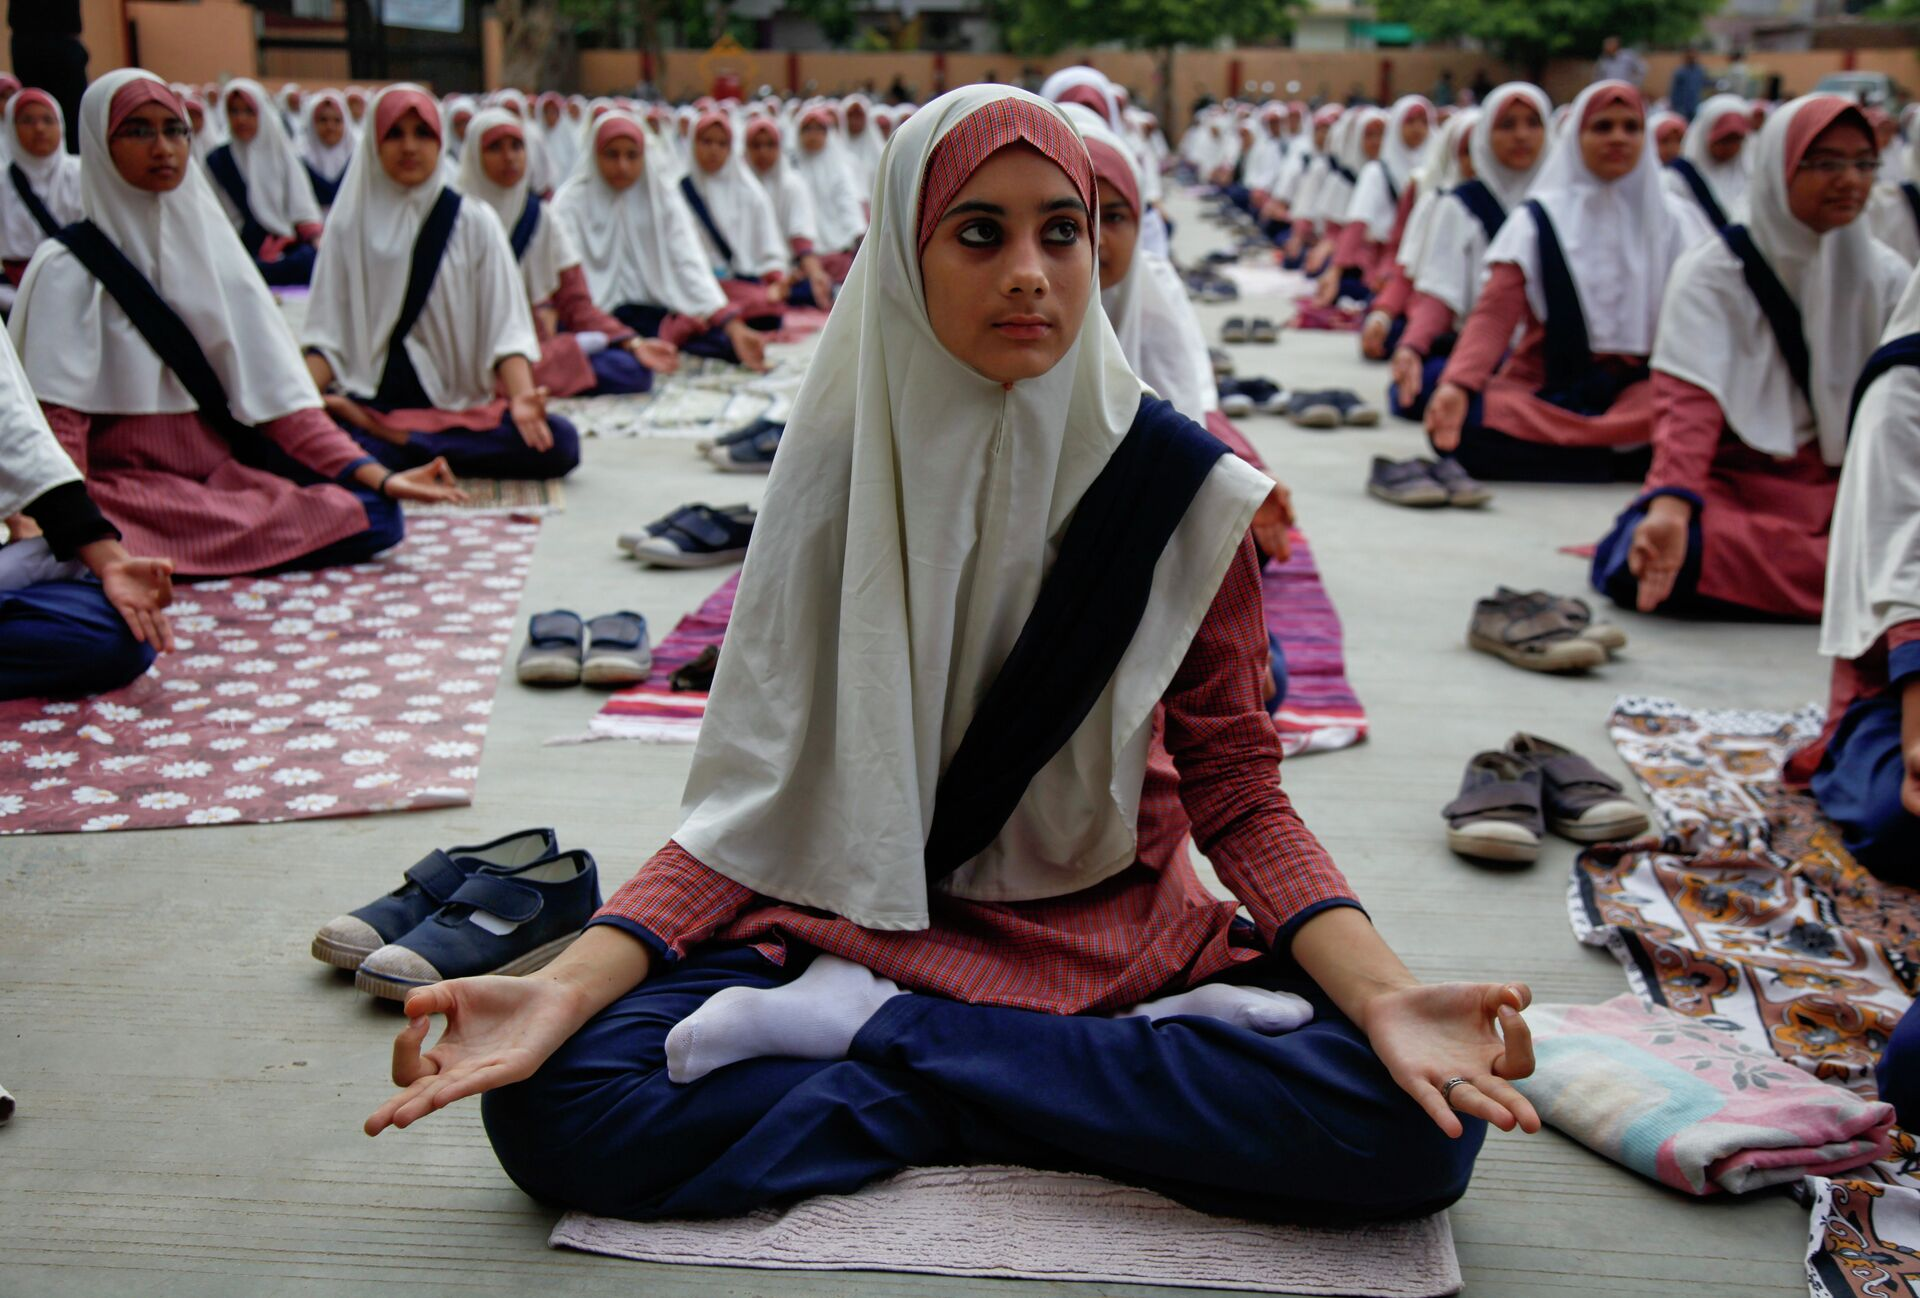 Индийские мусульманские студенты практикуют йогу в школе в Ахмадабаде - РИА Новости, 1920, 03.02.2021